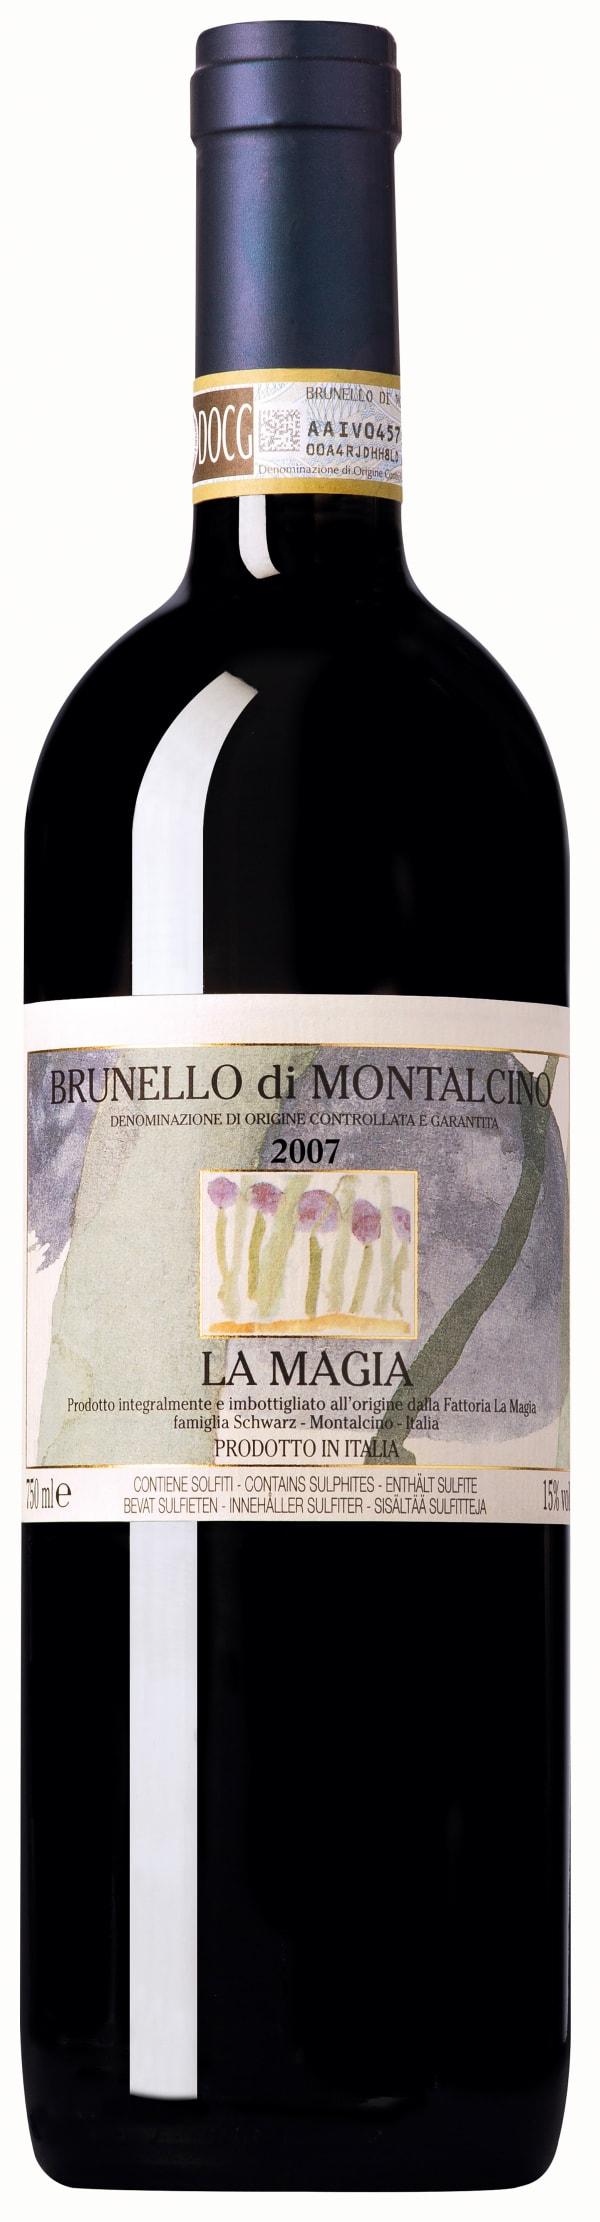 La Magia Brunello di Montalcino 2013